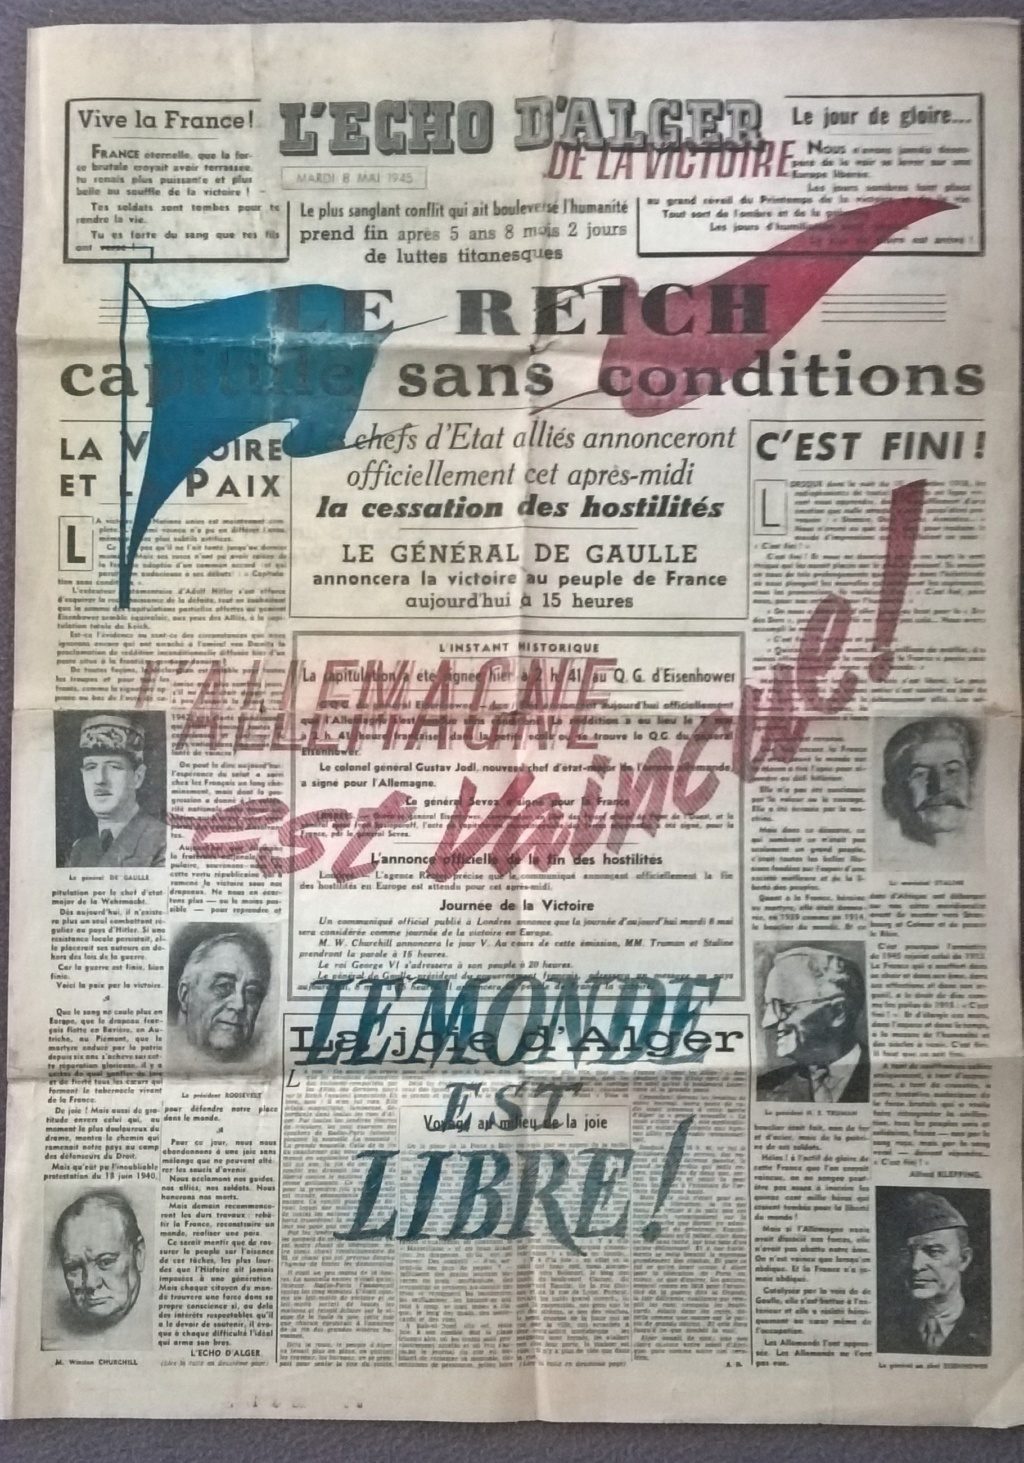 Mai-septembre 1945 : les journaux de la fin de la Seconde Guerre mondiale Wp_20200